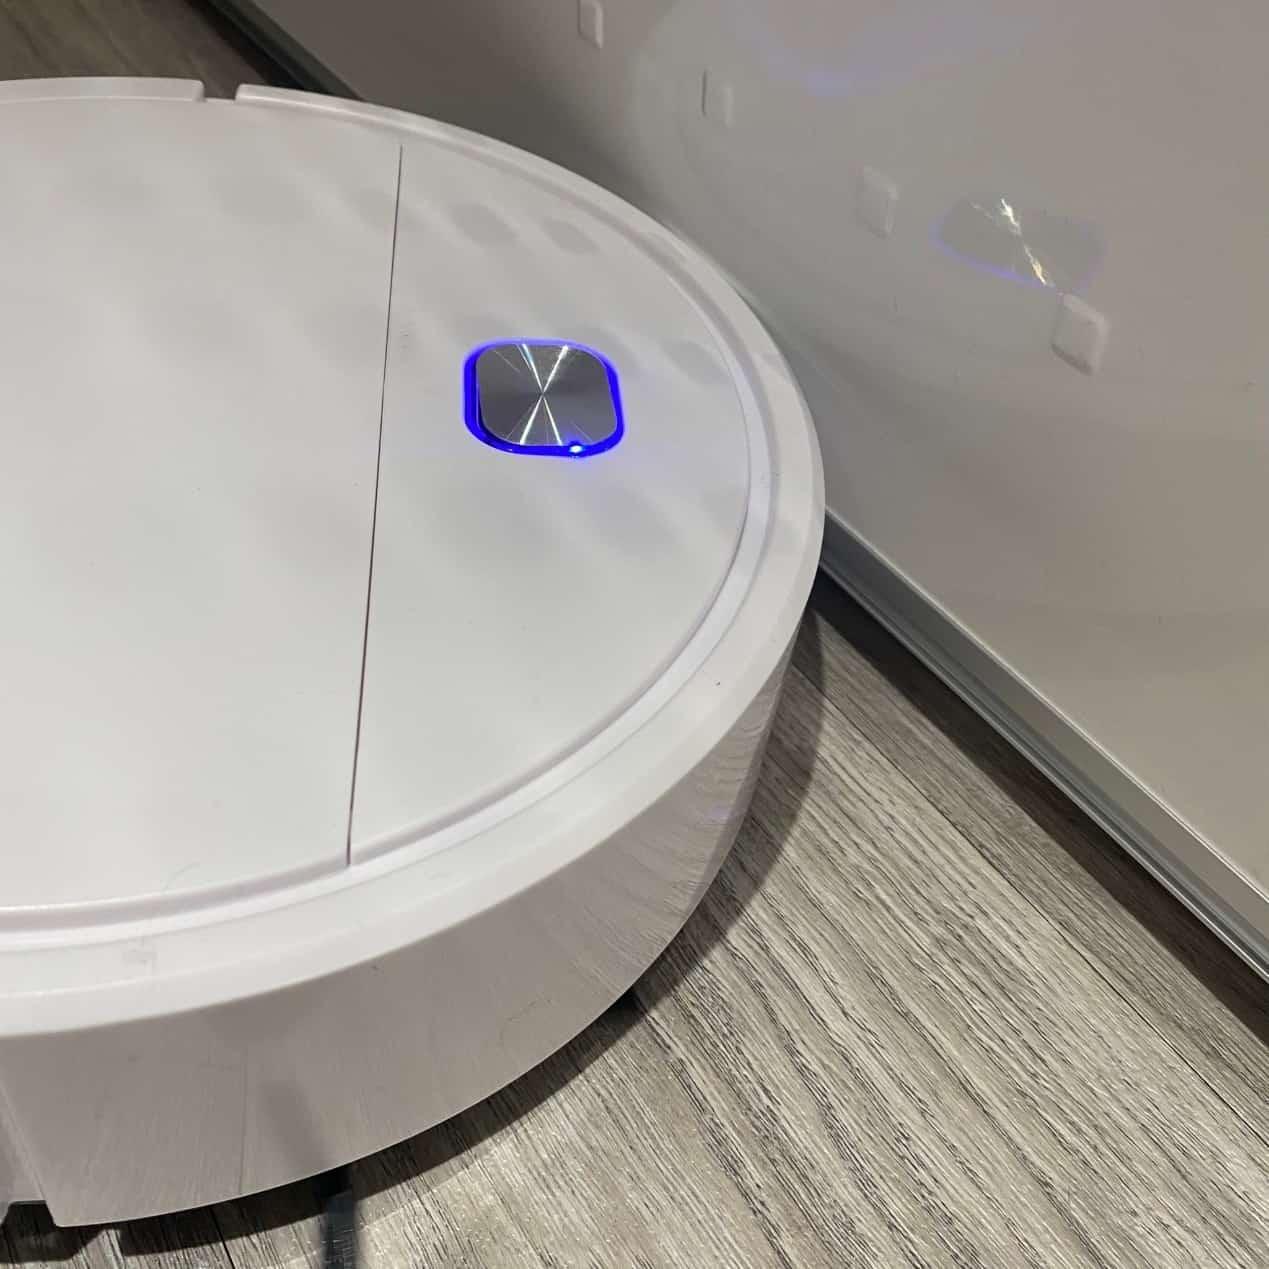 ONECEOTW智能掃地小超人-無防撞設計